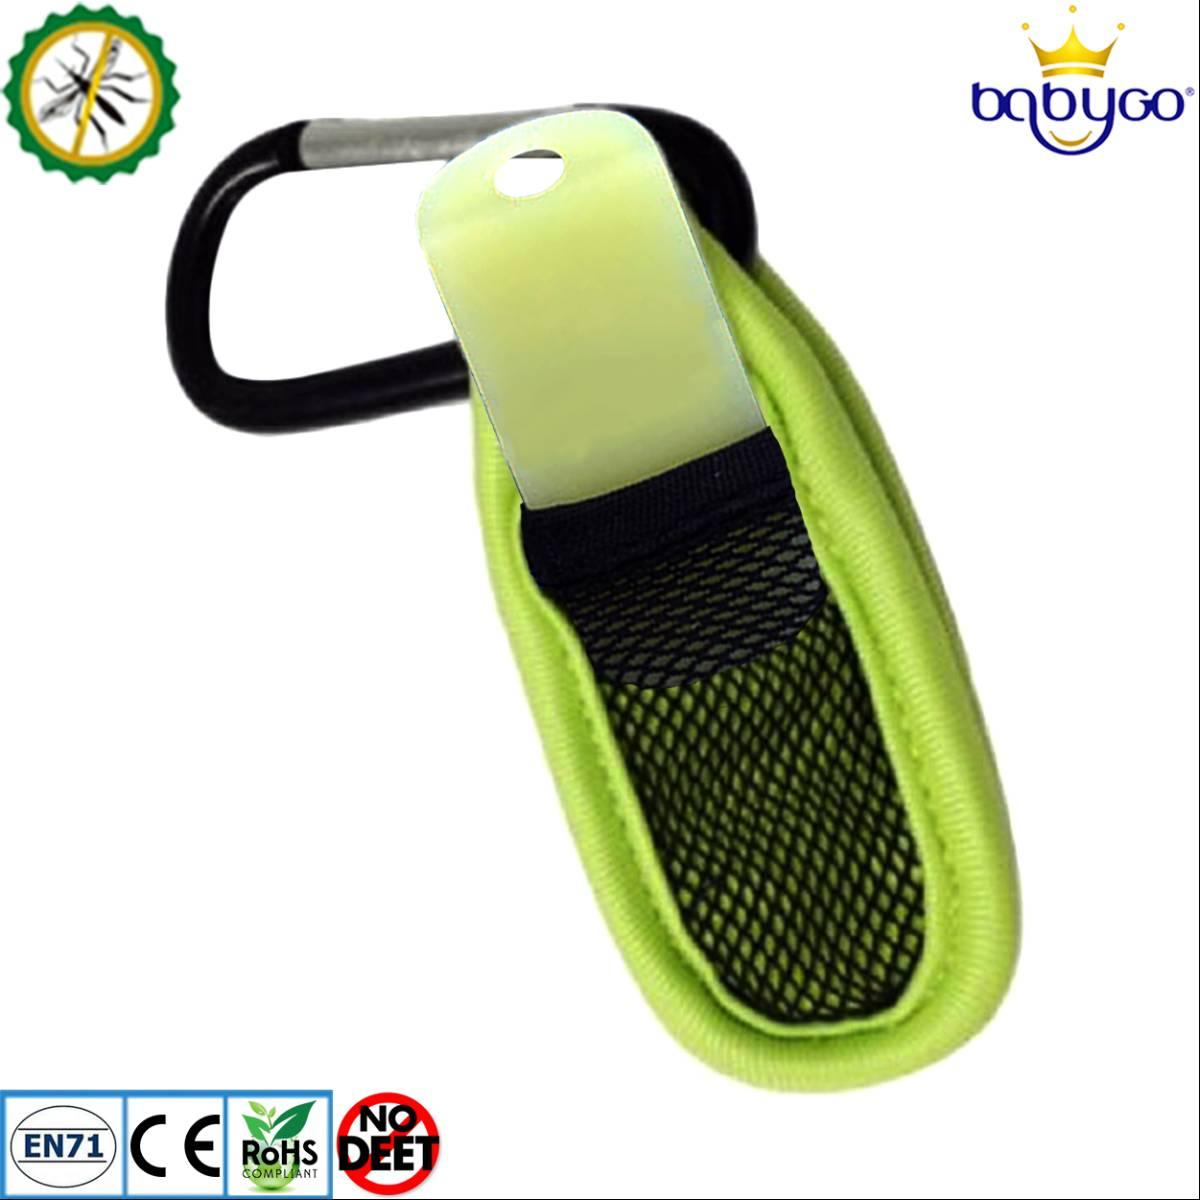 Babygo Neoprene Clip Mosquito Repellent Green (klip Anti Nyamuk)